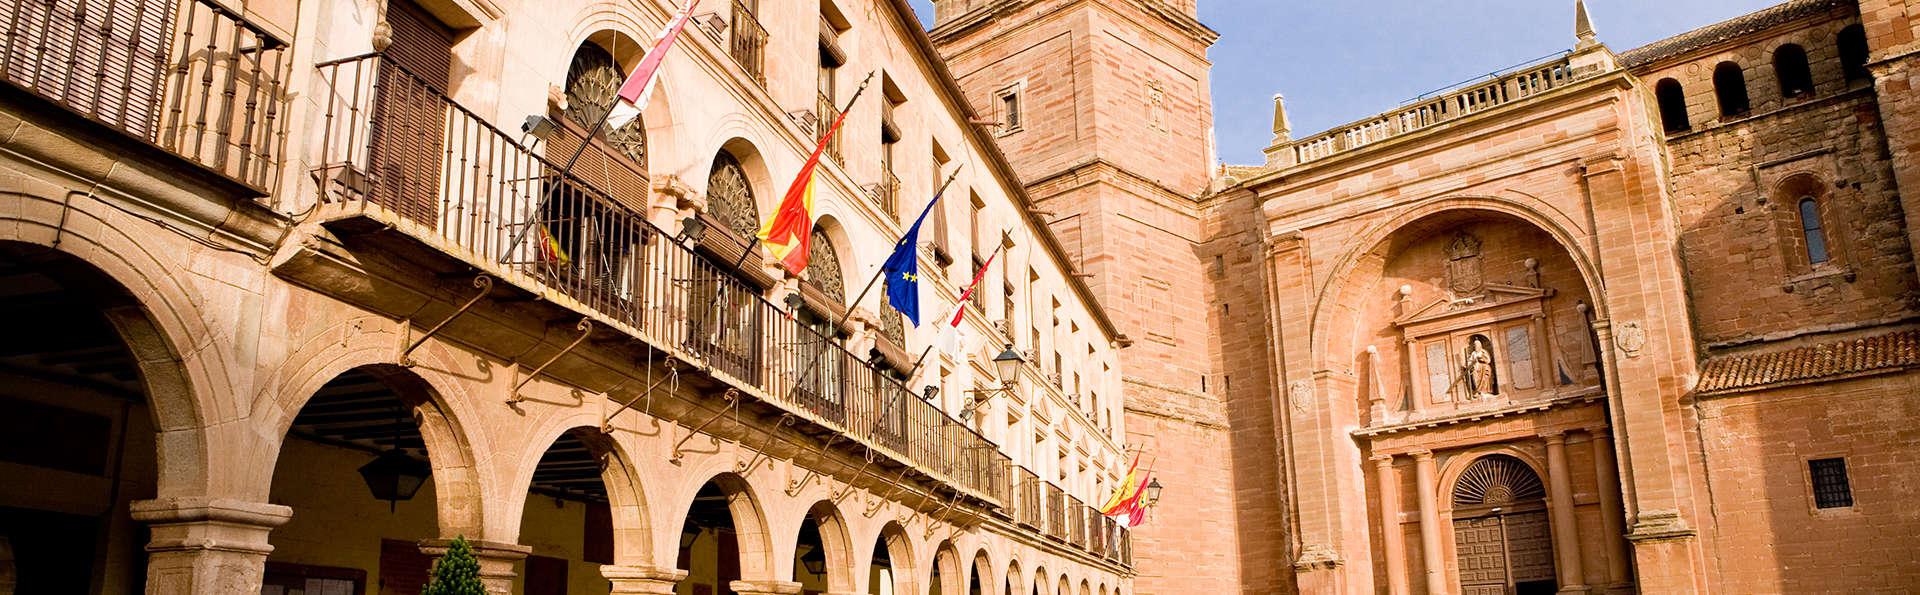 Hotel La Morada de Juan de Vargas - EDIT_destination2.jpg